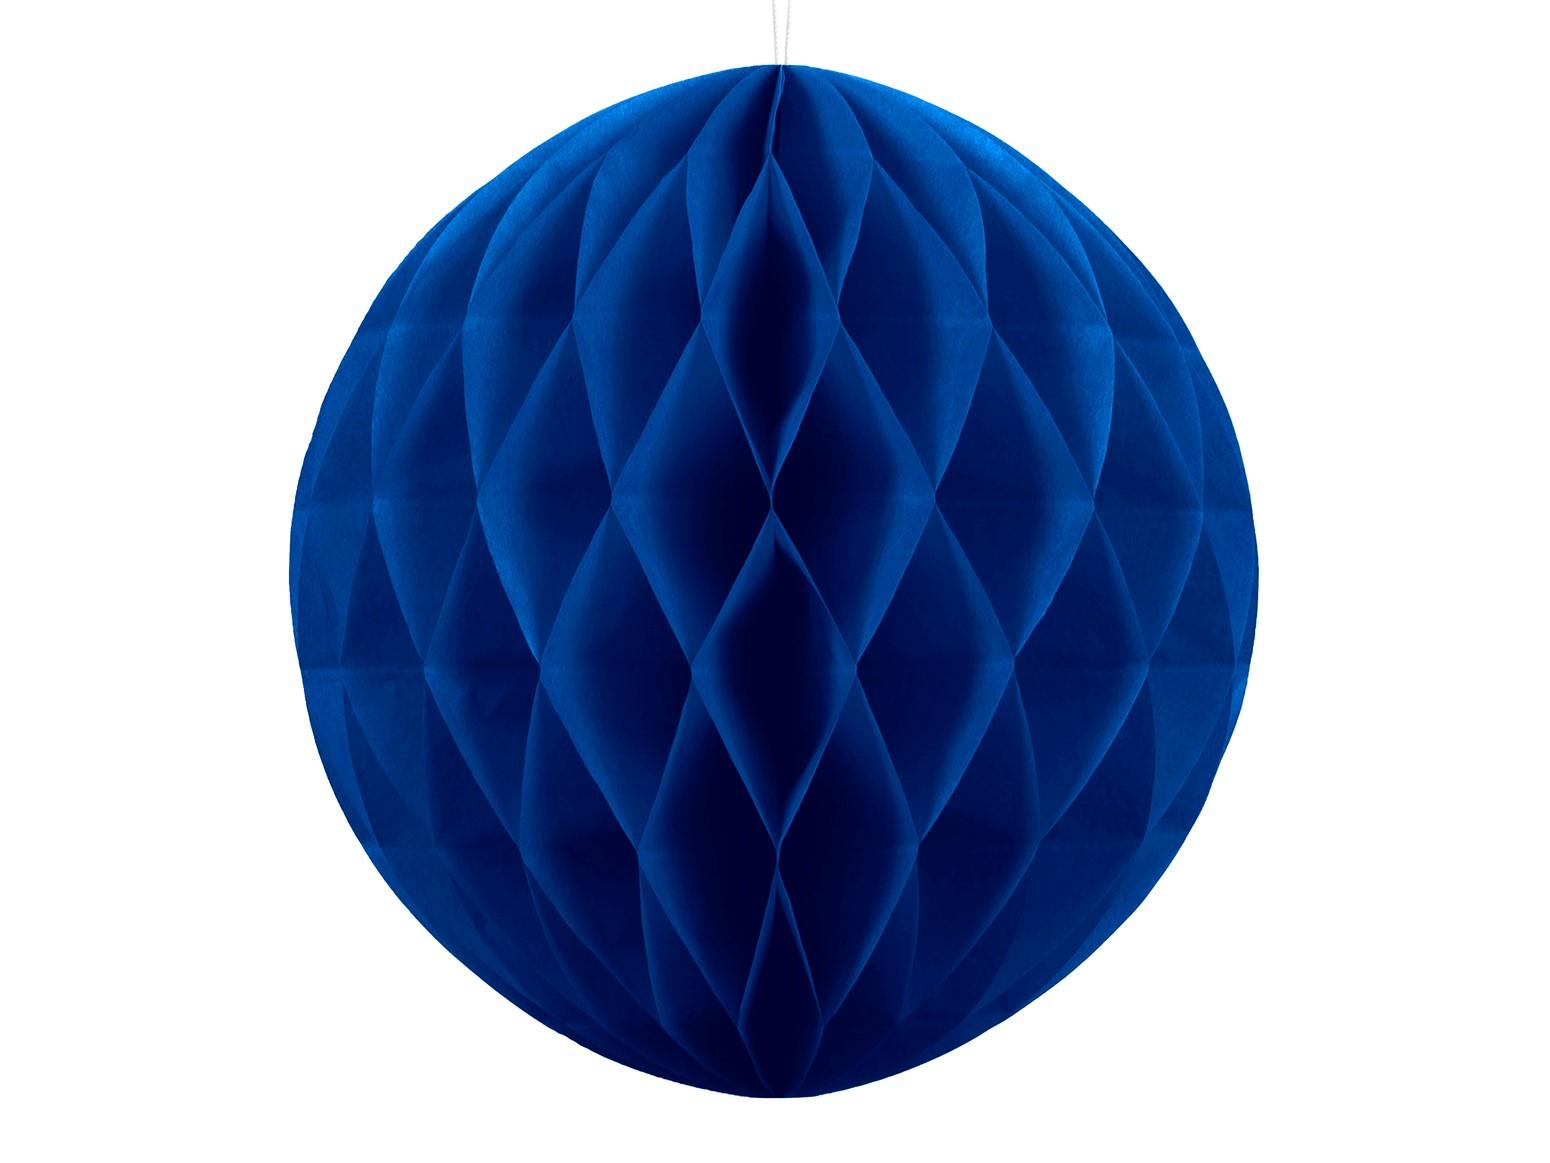 Χάρτινη Διακοσμητική Μπάλα Μπλε 30εκ